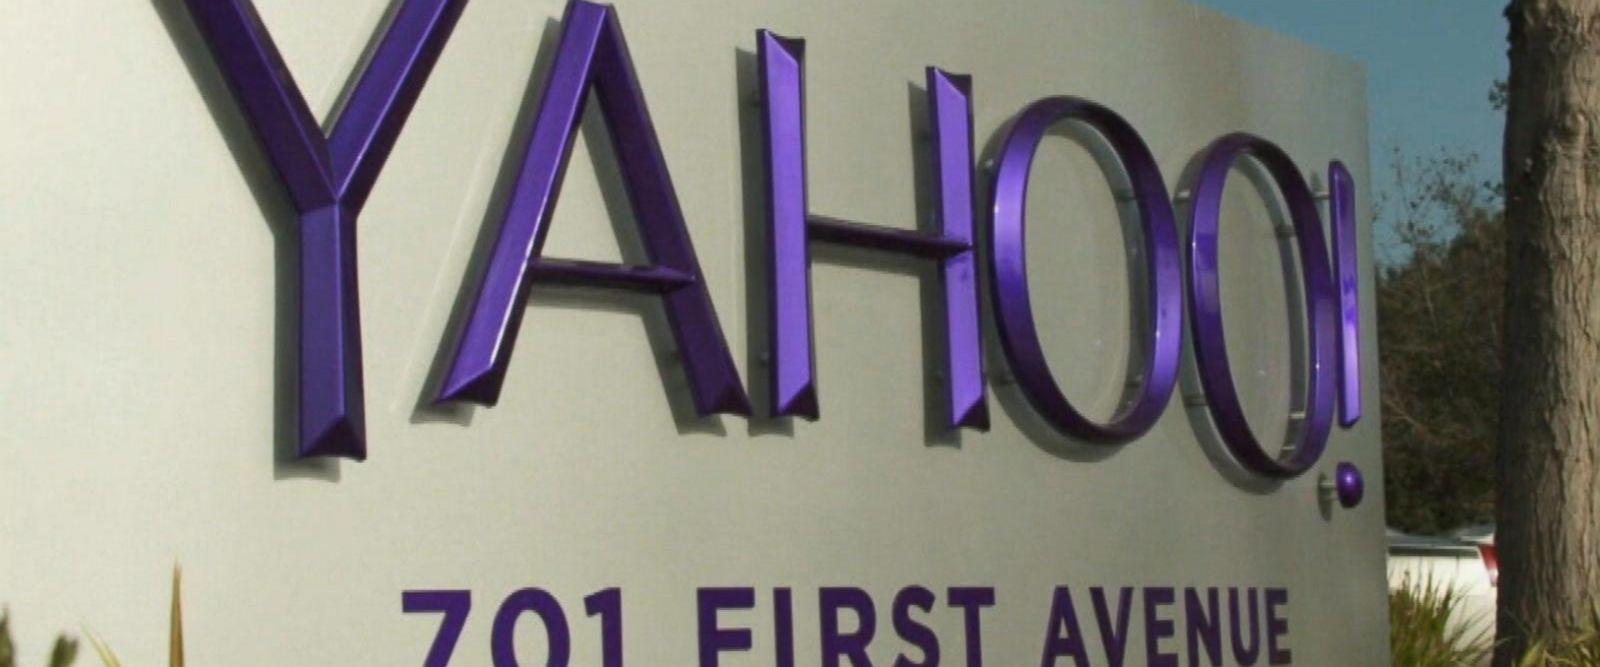 VIDEO: Yahoo failed to disclose 2014 data breach